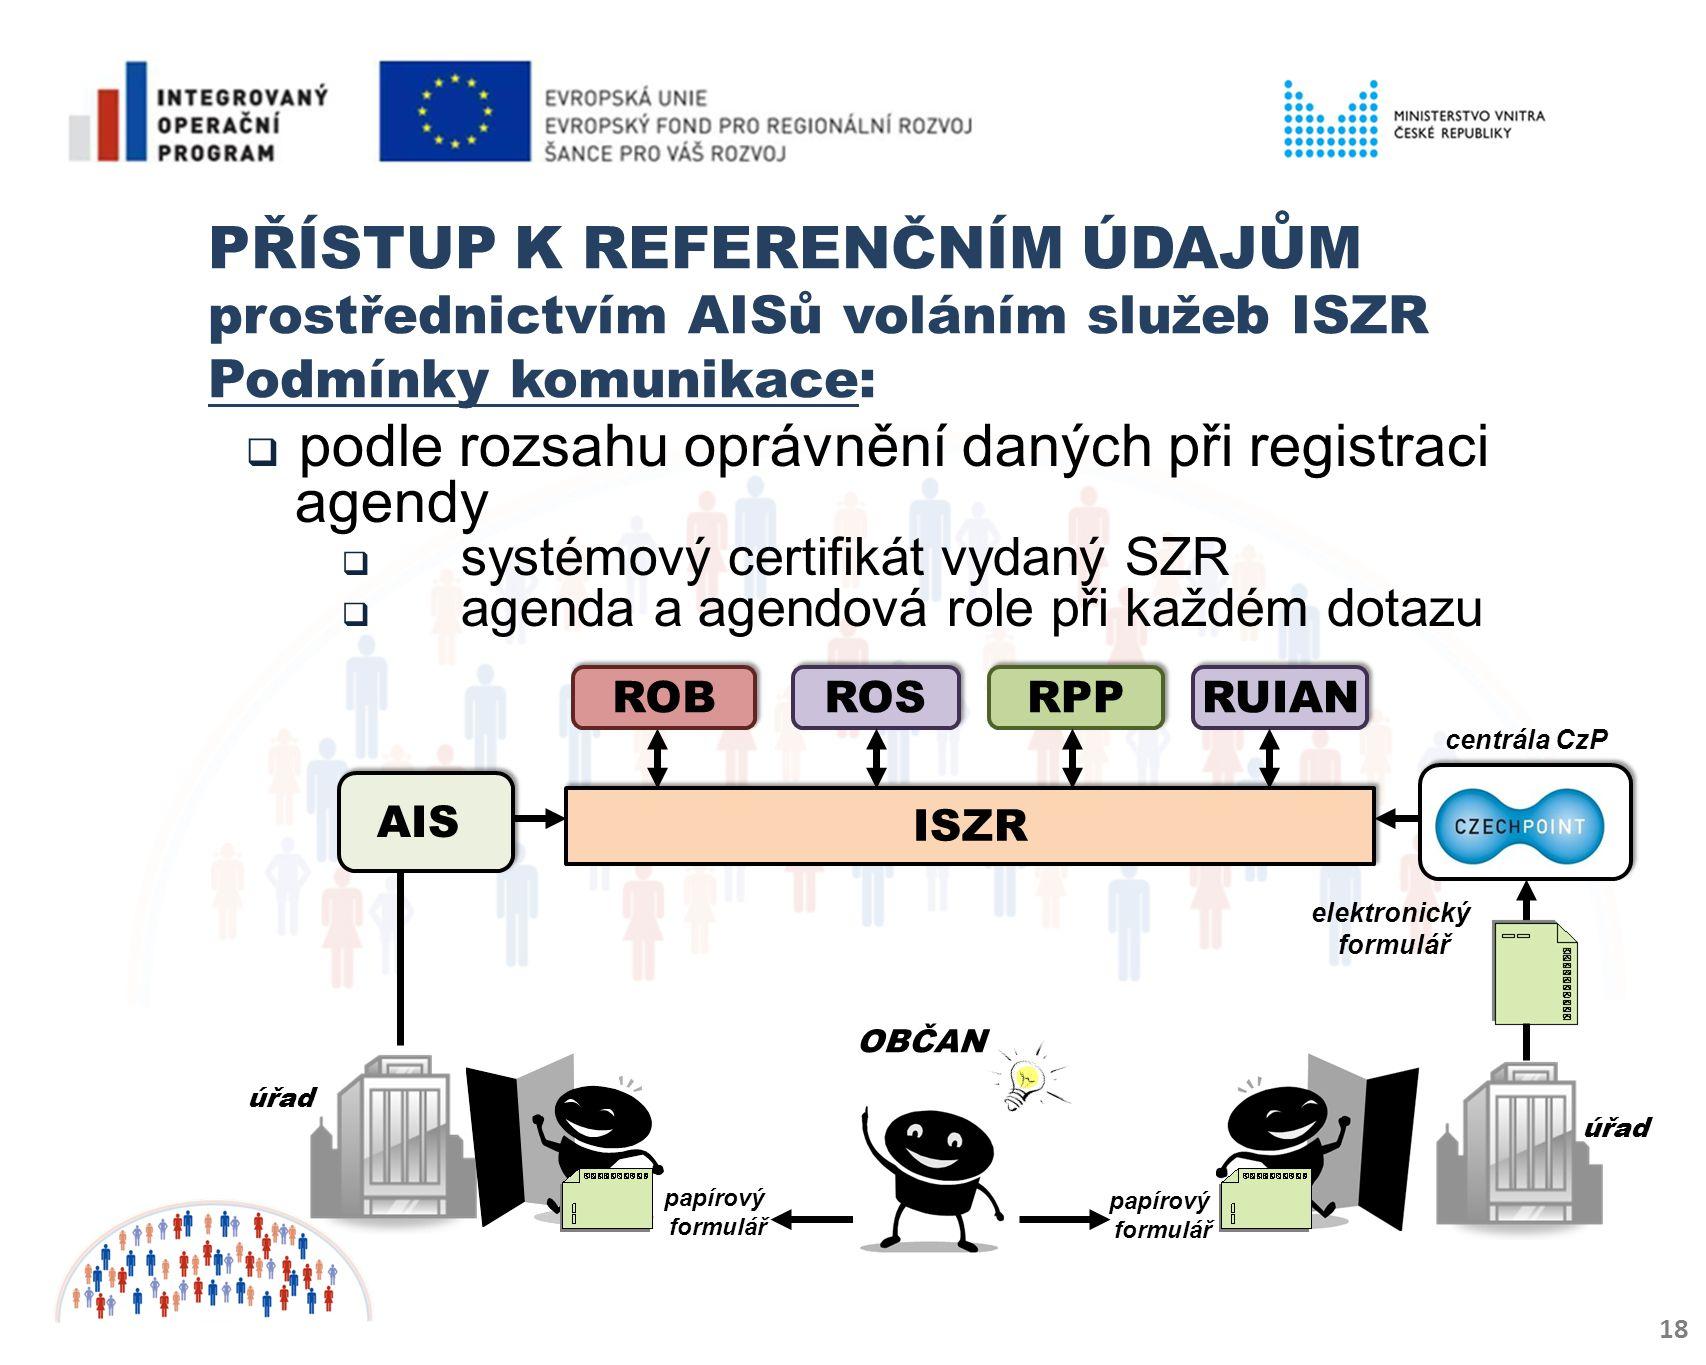 PŘÍSTUP K REFERENČNÍM ÚDAJŮM prostřednictvím AISů voláním služeb ISZR Podmínky komunikace: 18  podle rozsahu oprávnění daných při registraci agendy  systémový certifikát vydaný SZR  agenda a agendová role při každém dotazu ISZR RPP ROB RUIAN ROS OBČAN centrála CzP úřad papírový formulář AIS papírový formulář elektronický formulář úřad